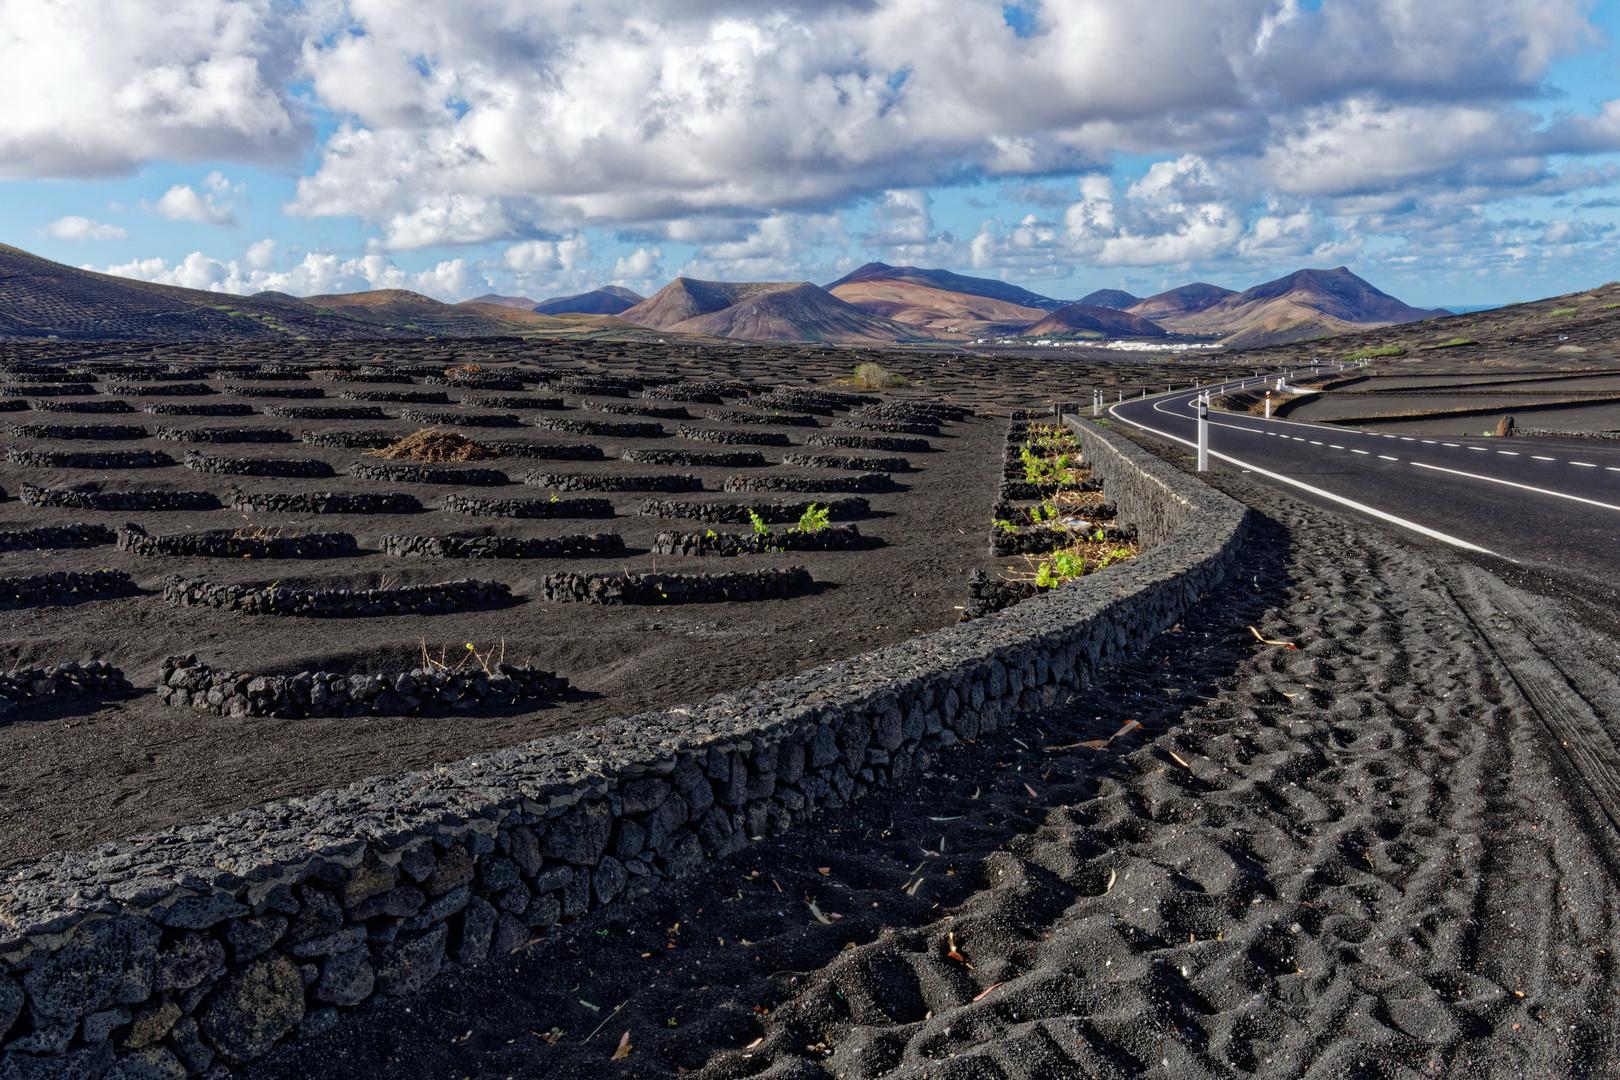 Volcanic Vineyards of Lanzarote